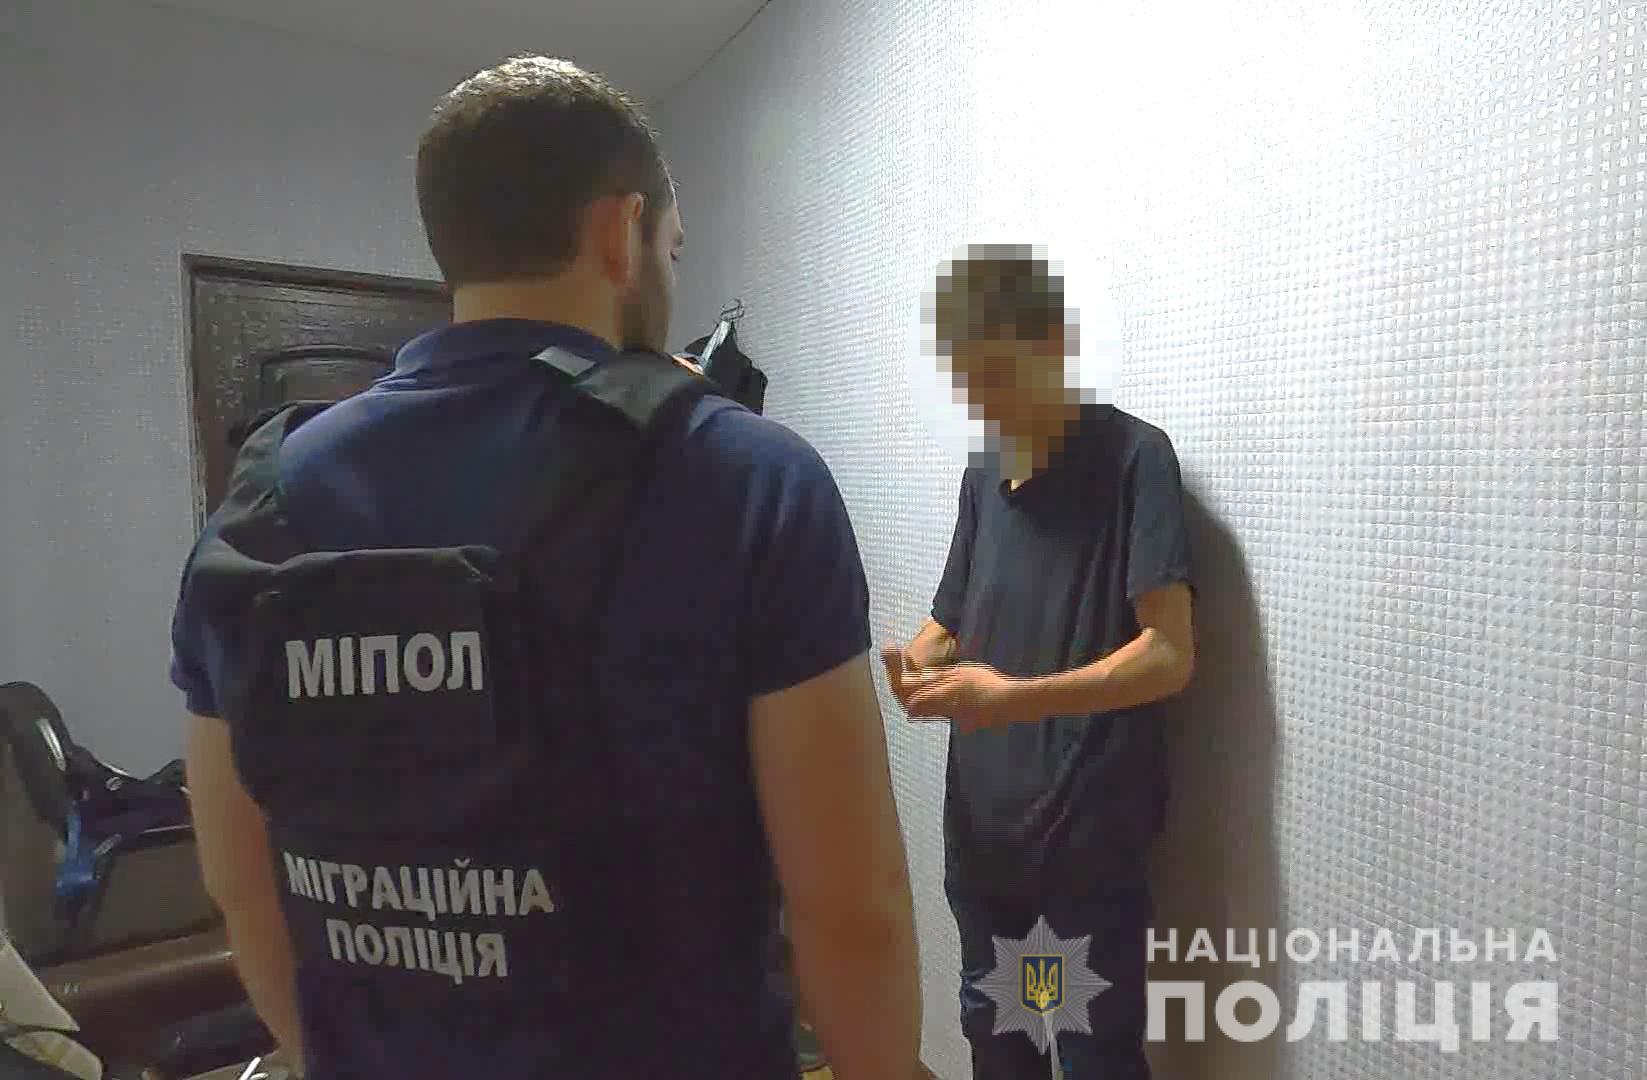 Обещал игрушку: в Одессе задержан мужчина по подозрению в развращении шестилетней девочки